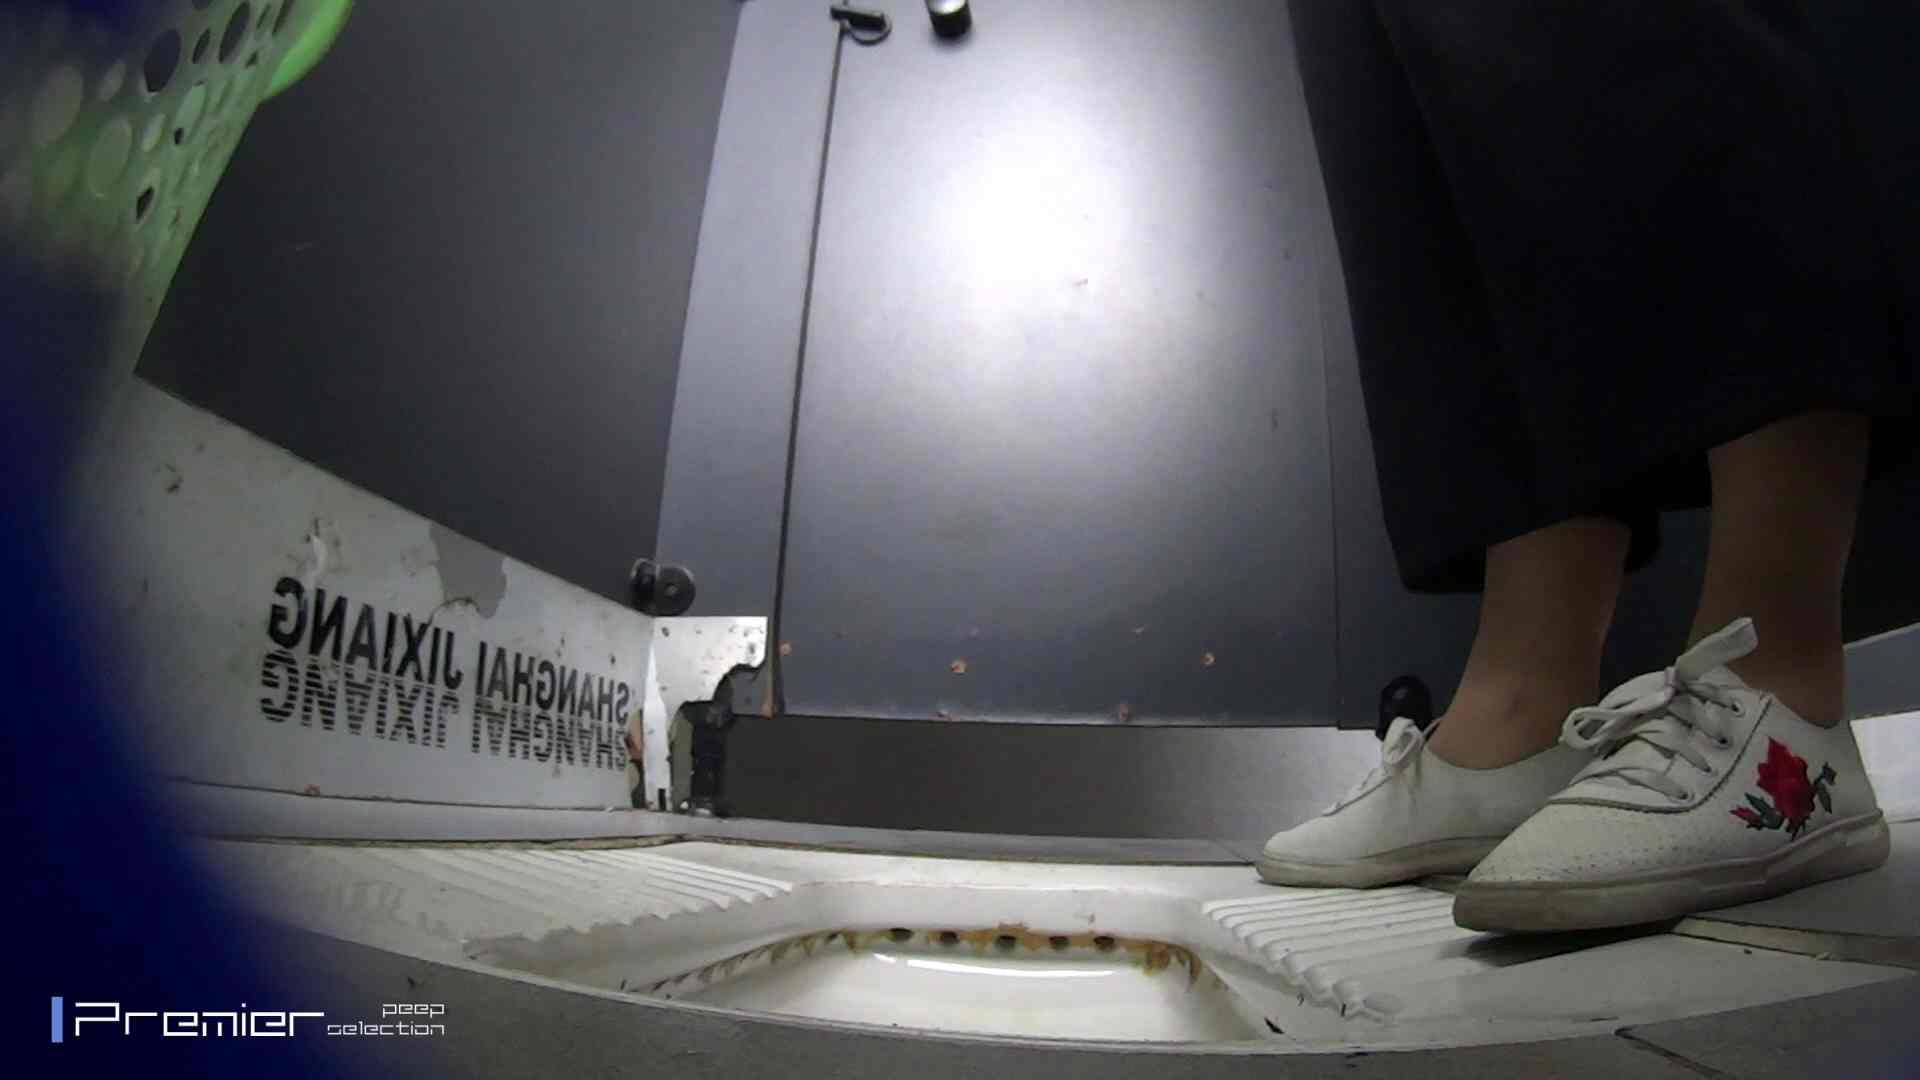 おまんこ丸見え|ポチャが多めの洗面所 大学休憩時間の洗面所事情45|怪盗ジョーカー